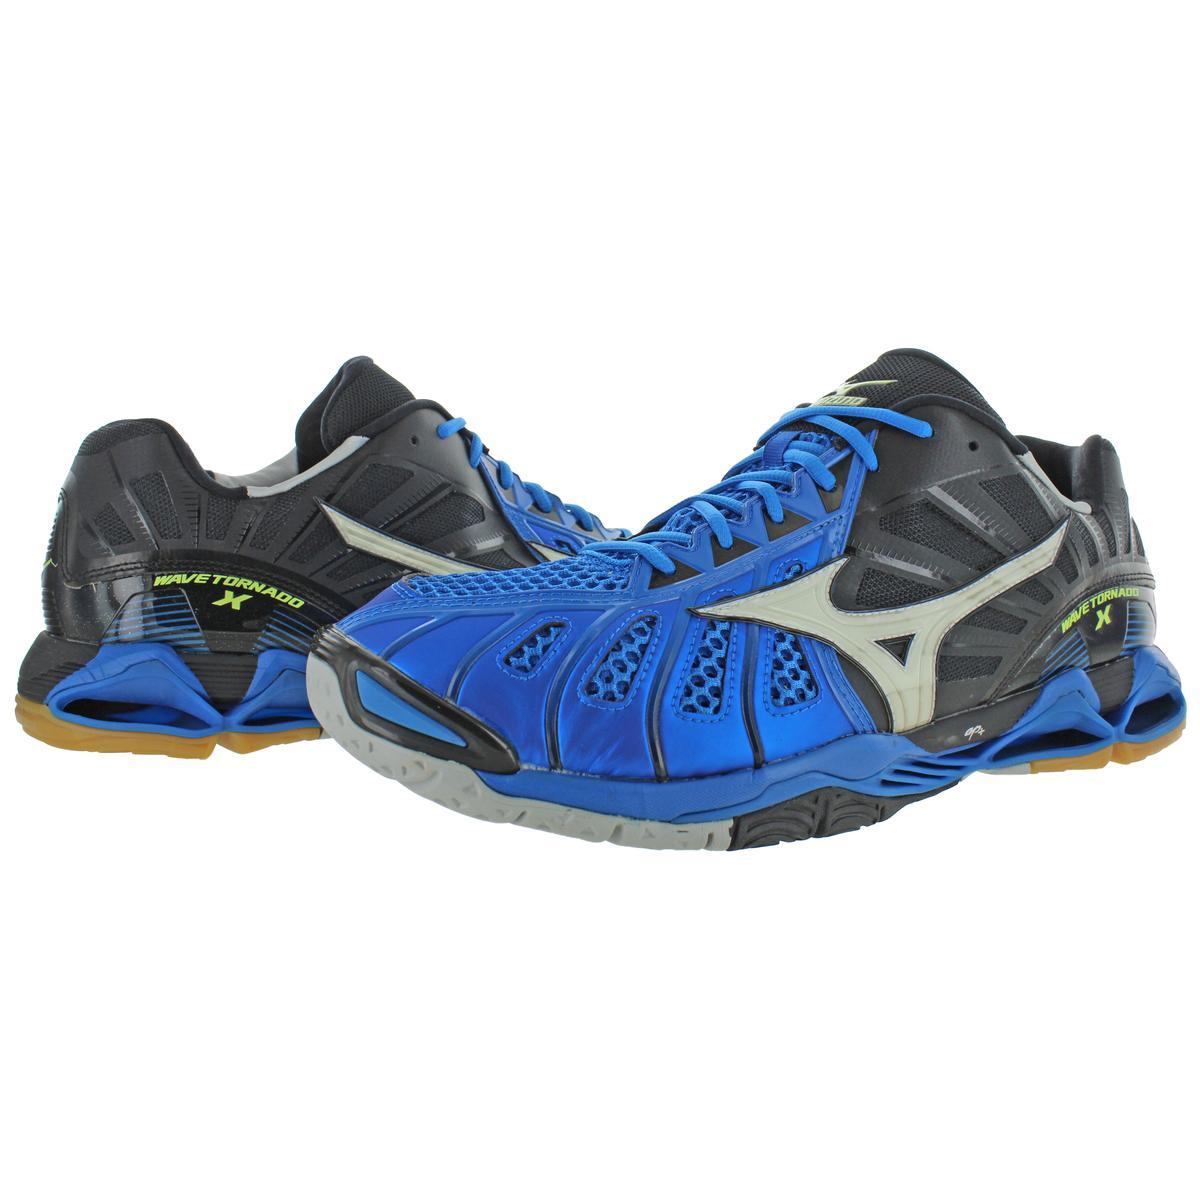 mizuno volleyball shoes men's wave tornado 5 cm